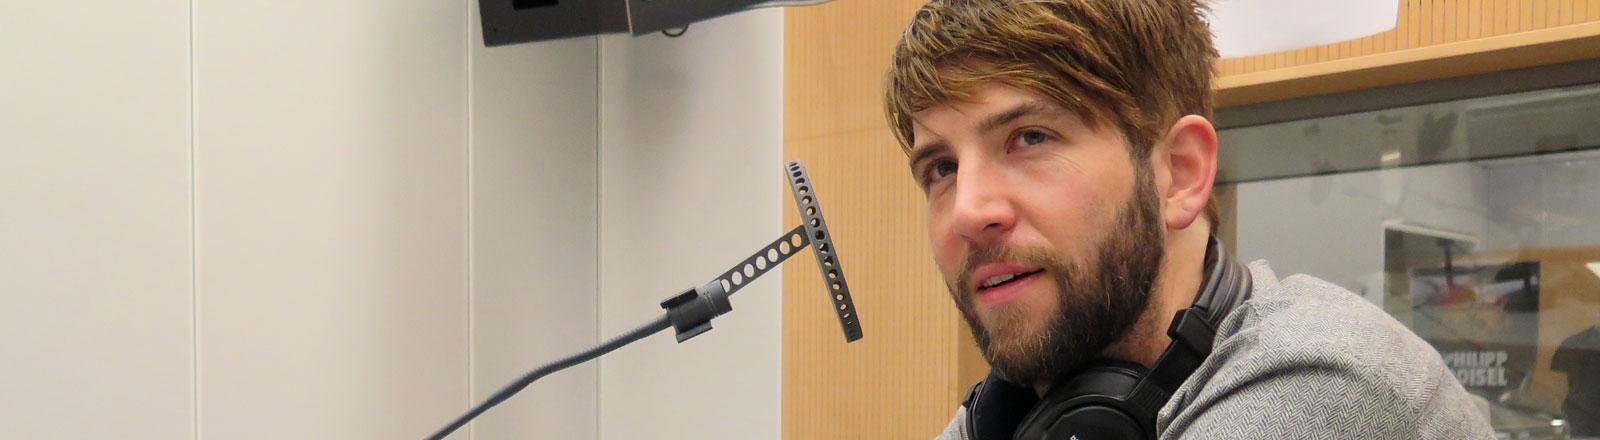 Owen Pallett ist Sänger, Violinist, Komponist und Musikwissenschaftler.